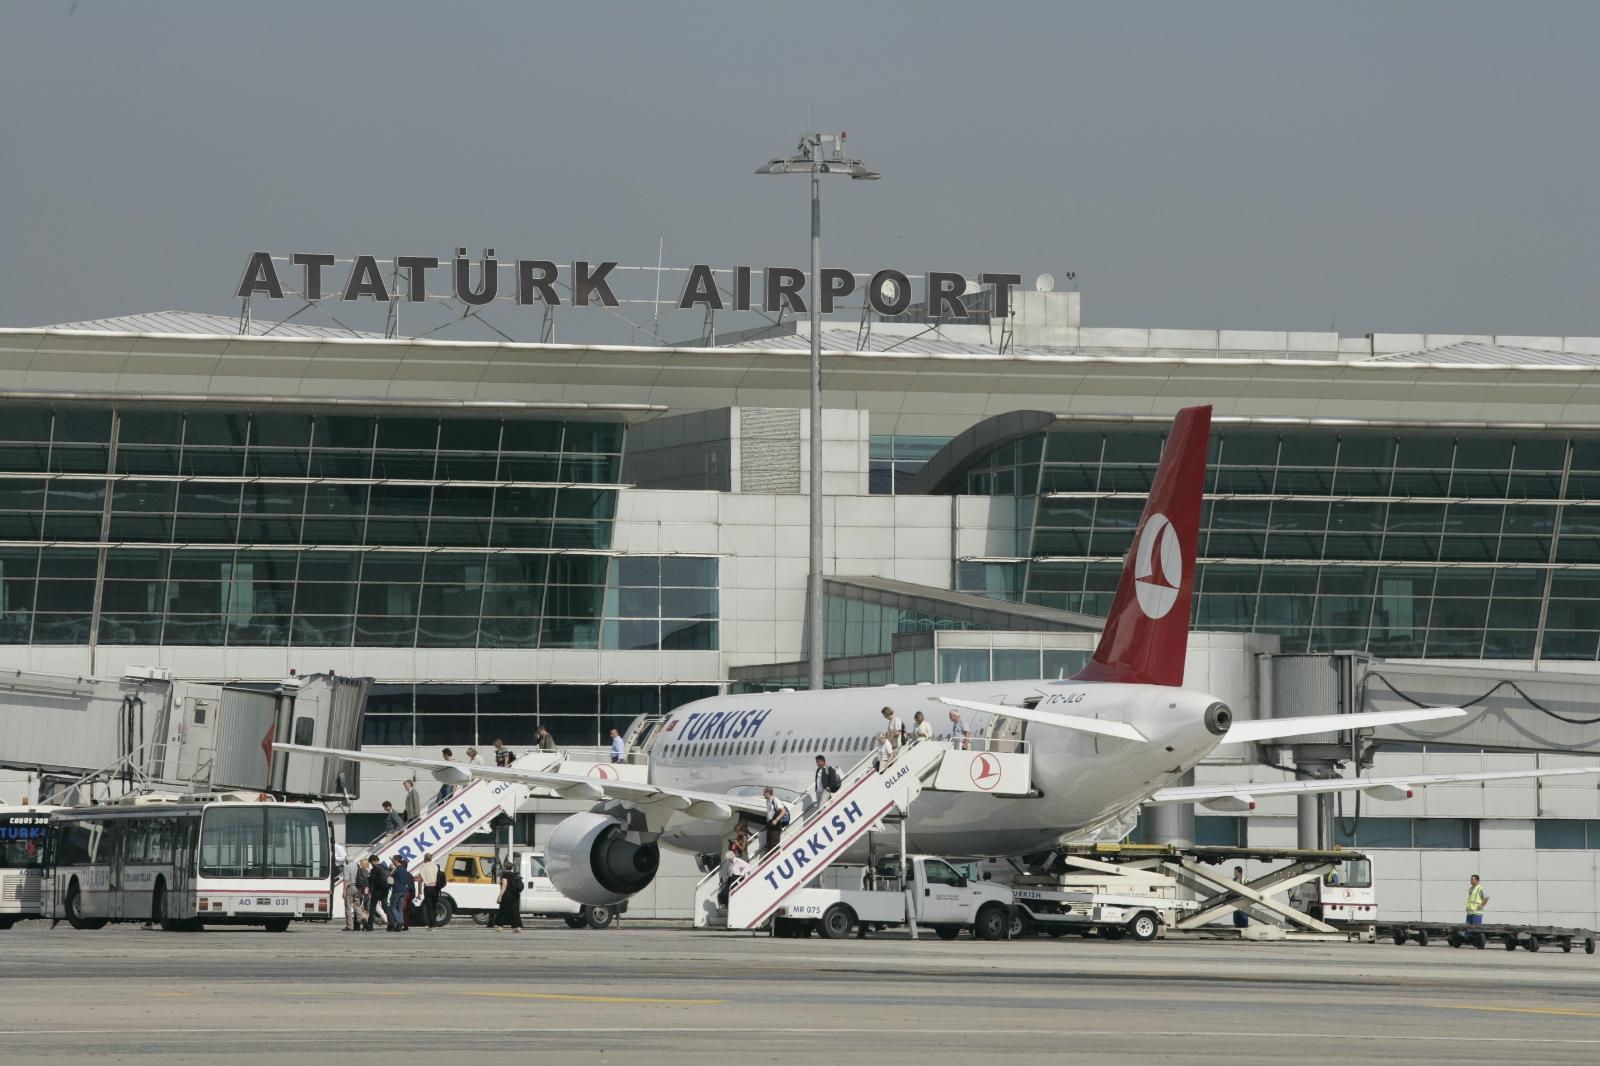 Самолет задержали натри часа из-за шутки пассажиров обомбе вТурции